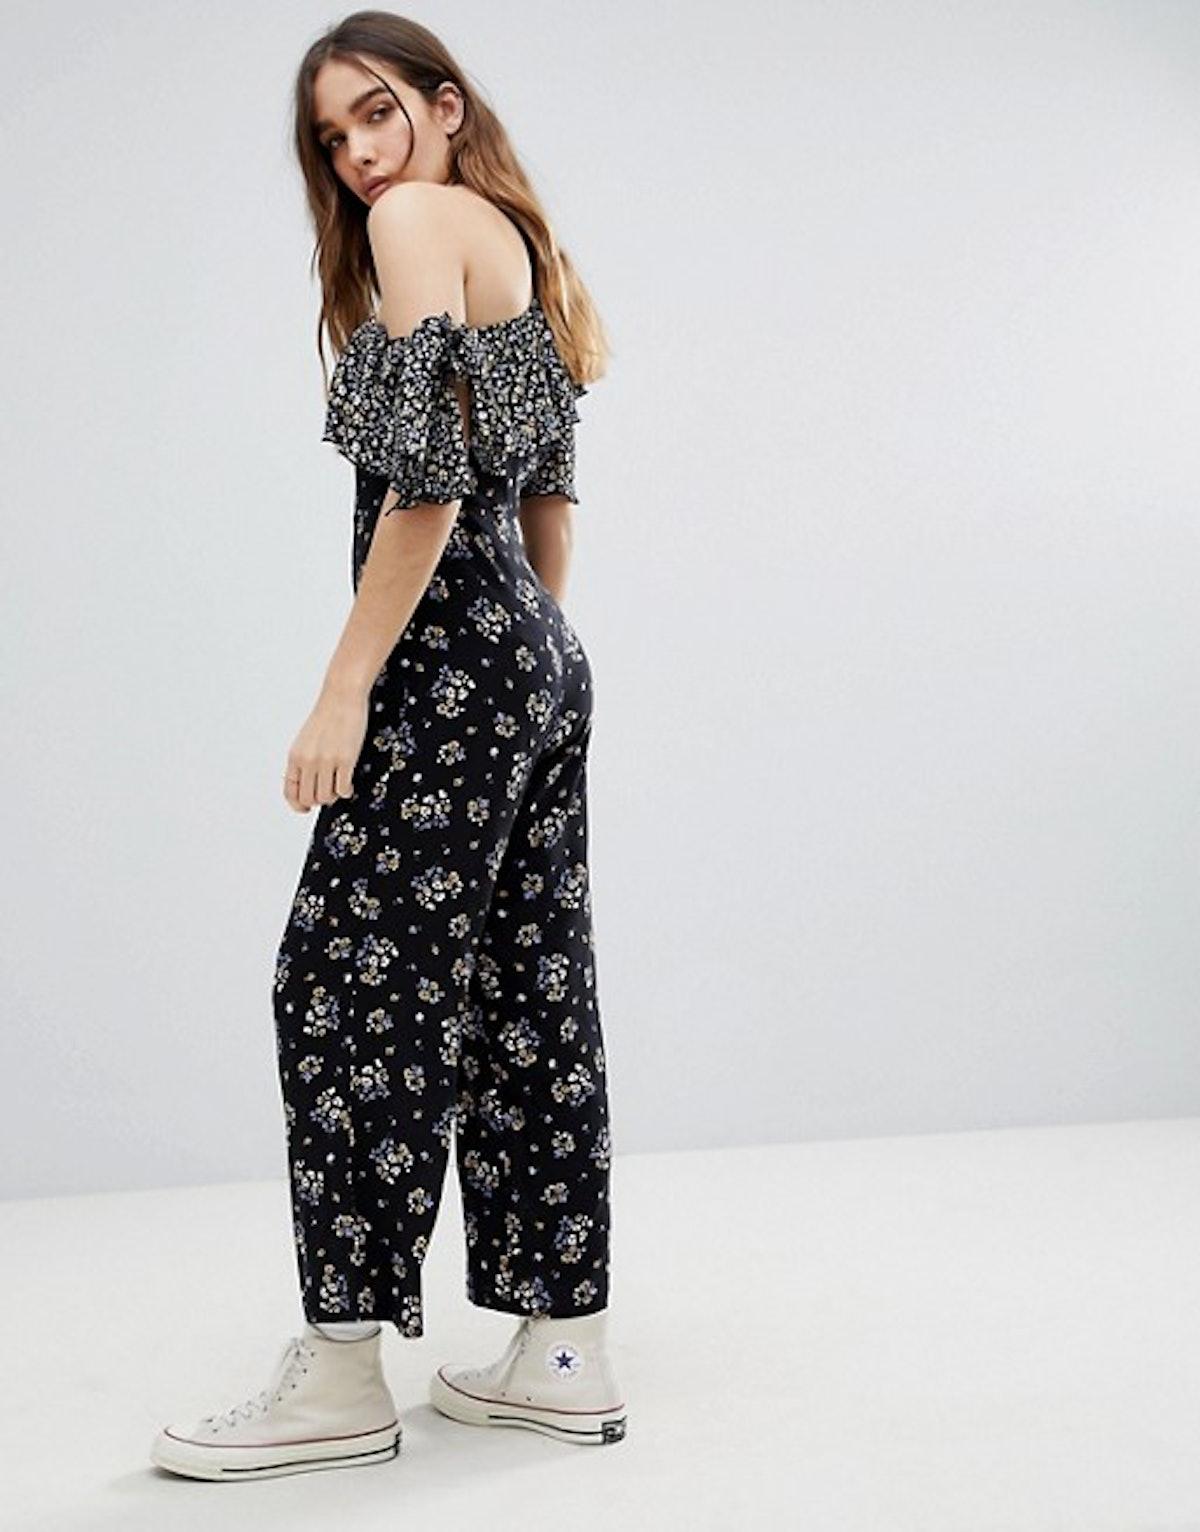 Reclaimed Vintage Inspired Floral One Shoulder Jumpsuit